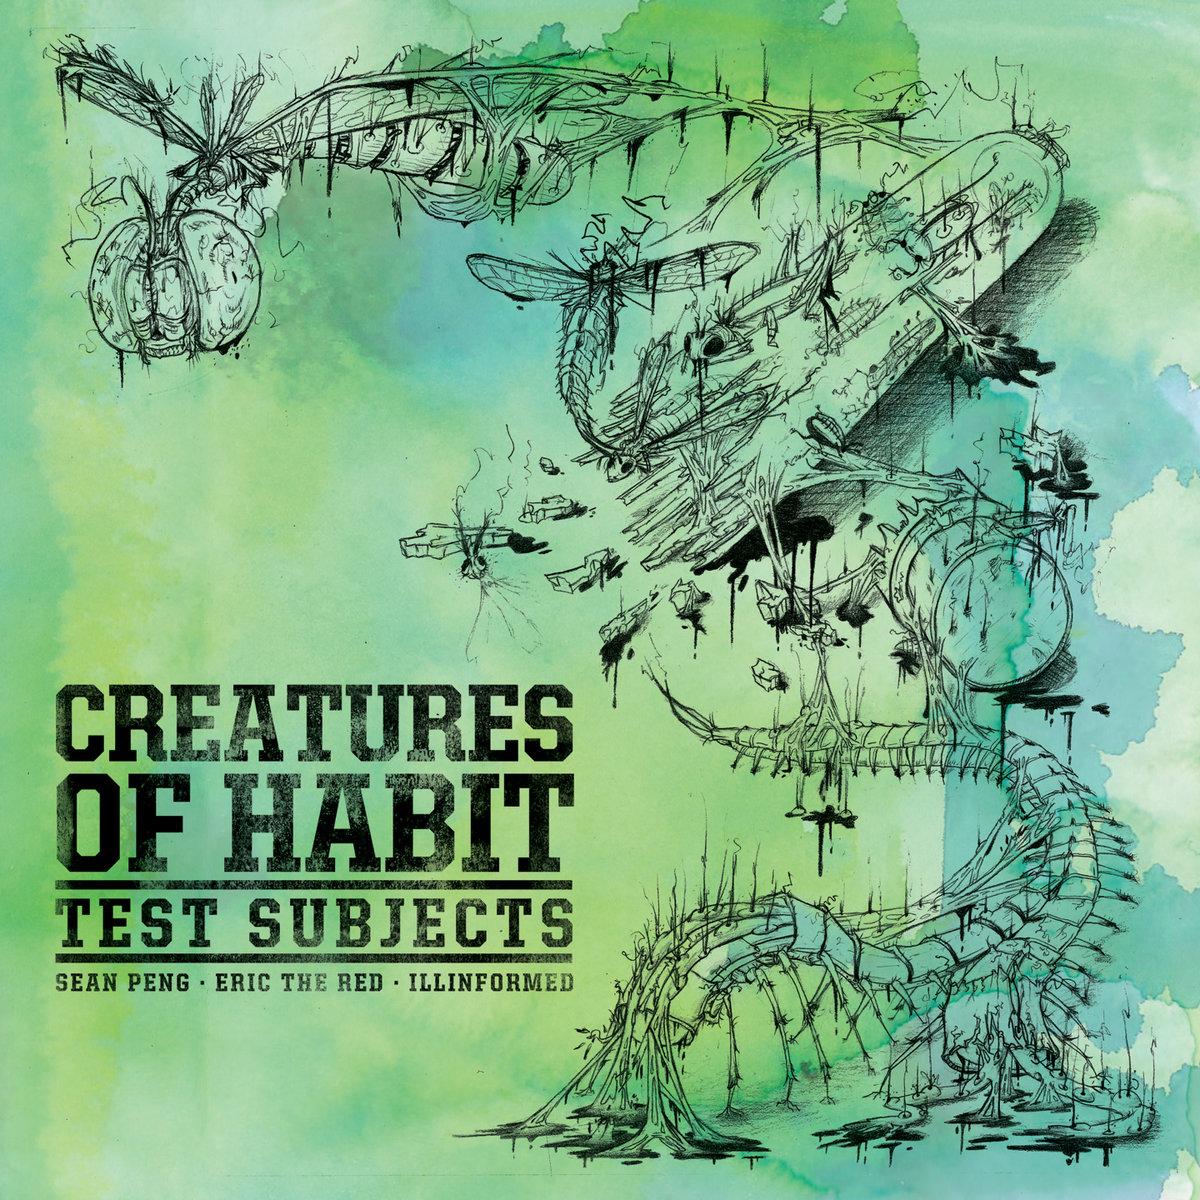 Creatures_of_habit_presentan_test_subjects